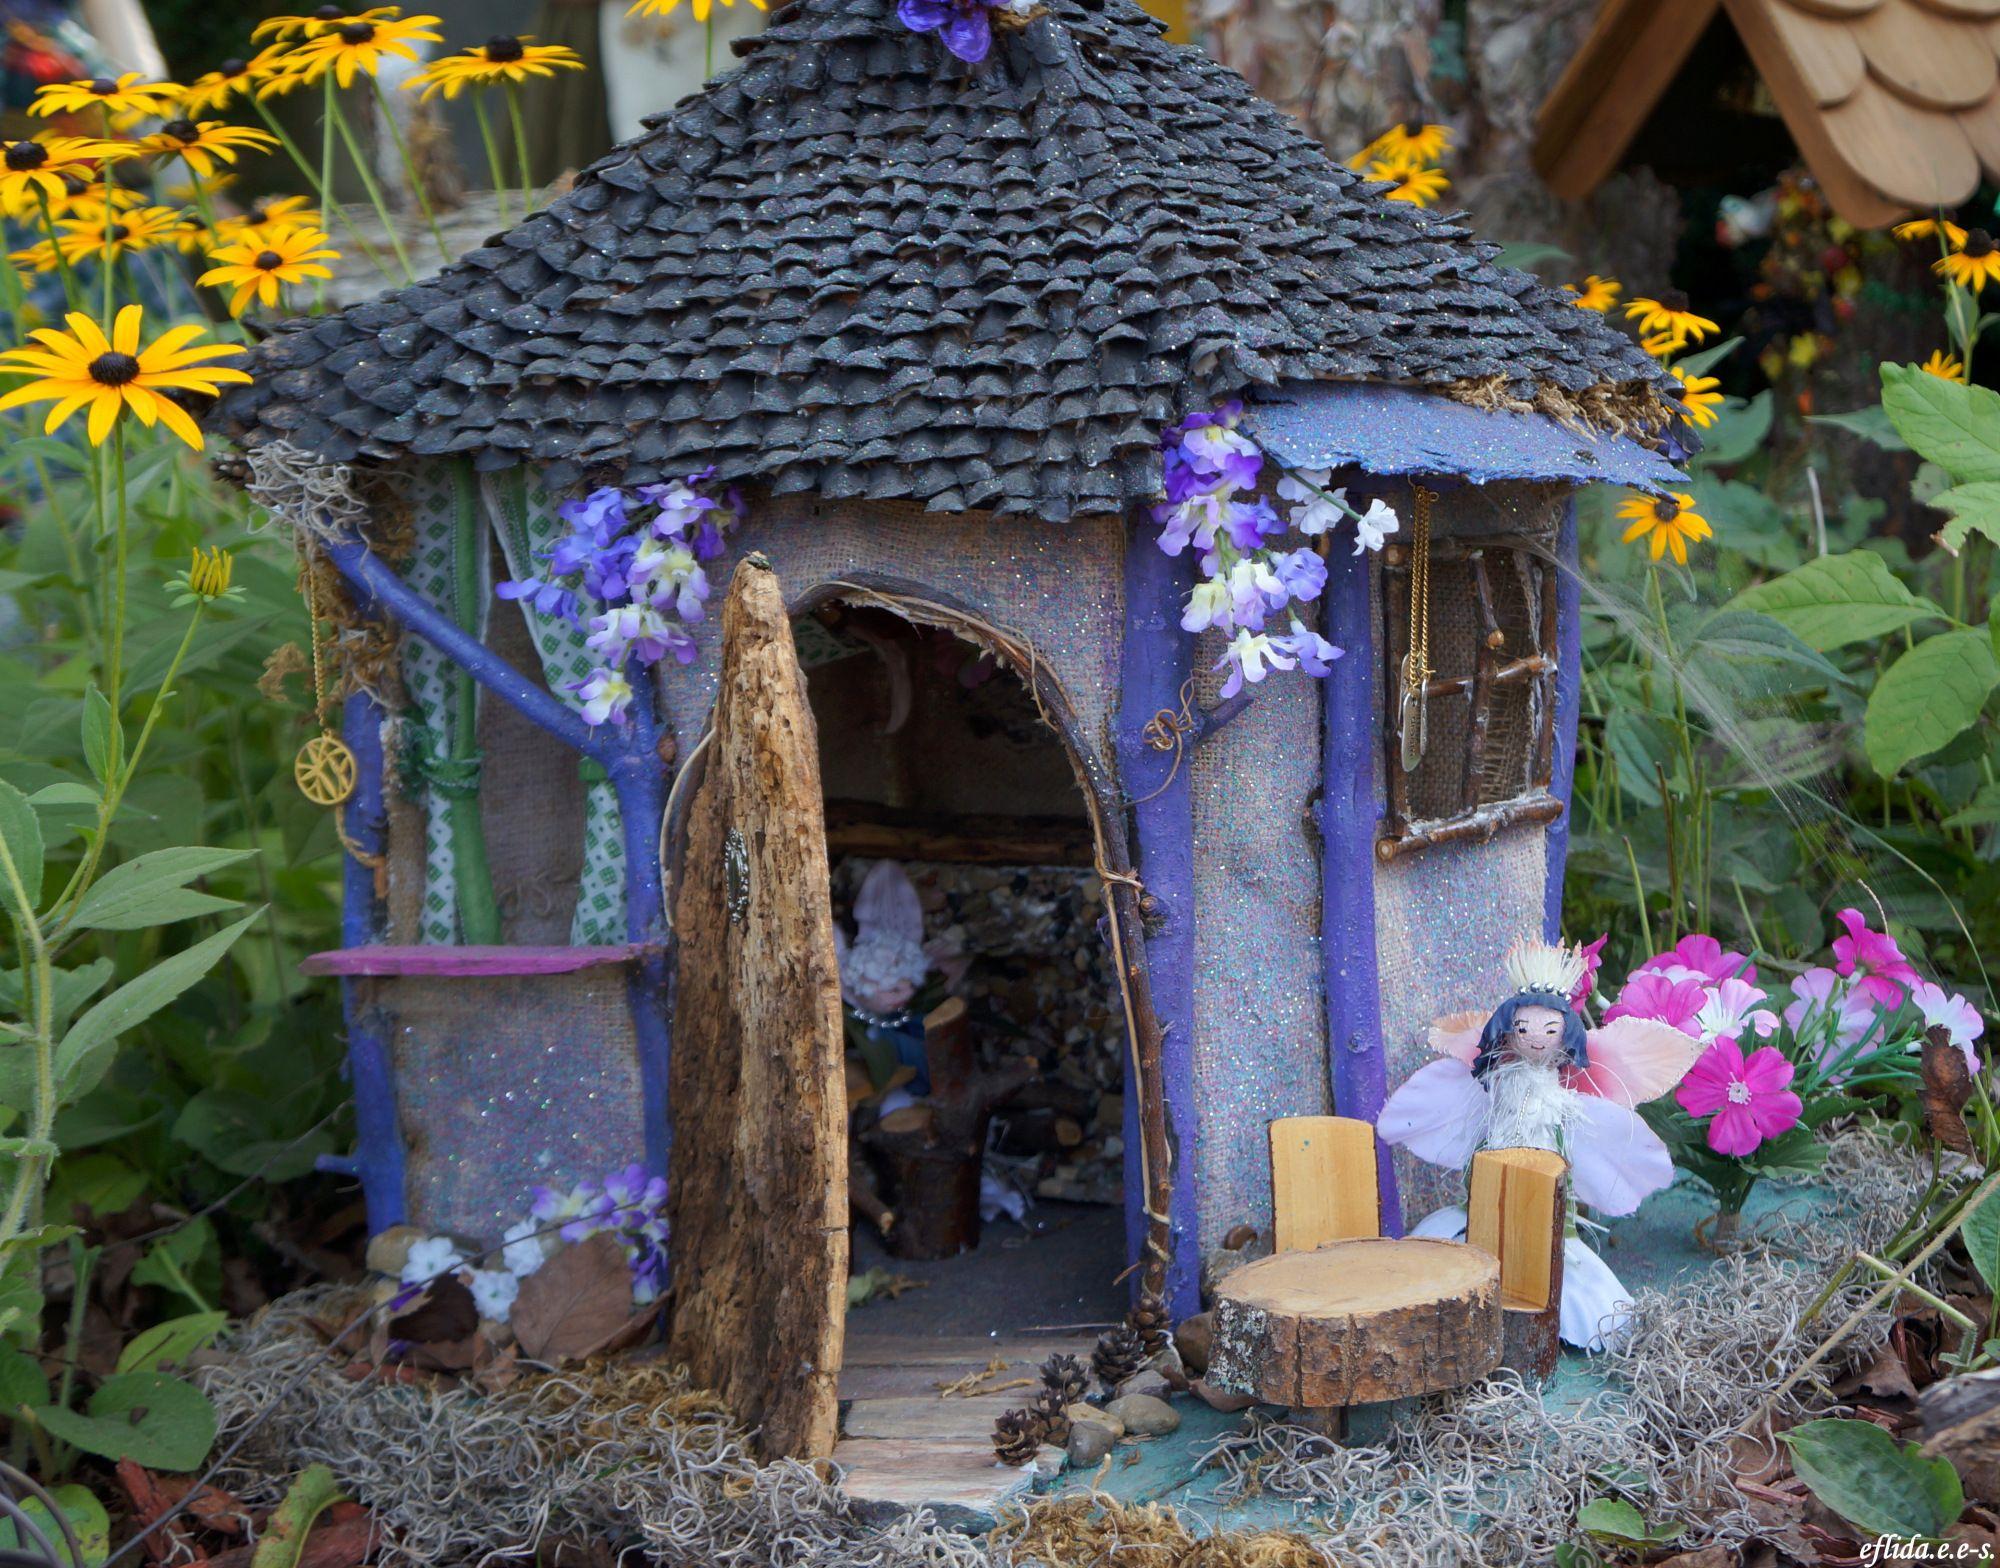 A purple fairy house at Michigan Renaissance Faire 2012.